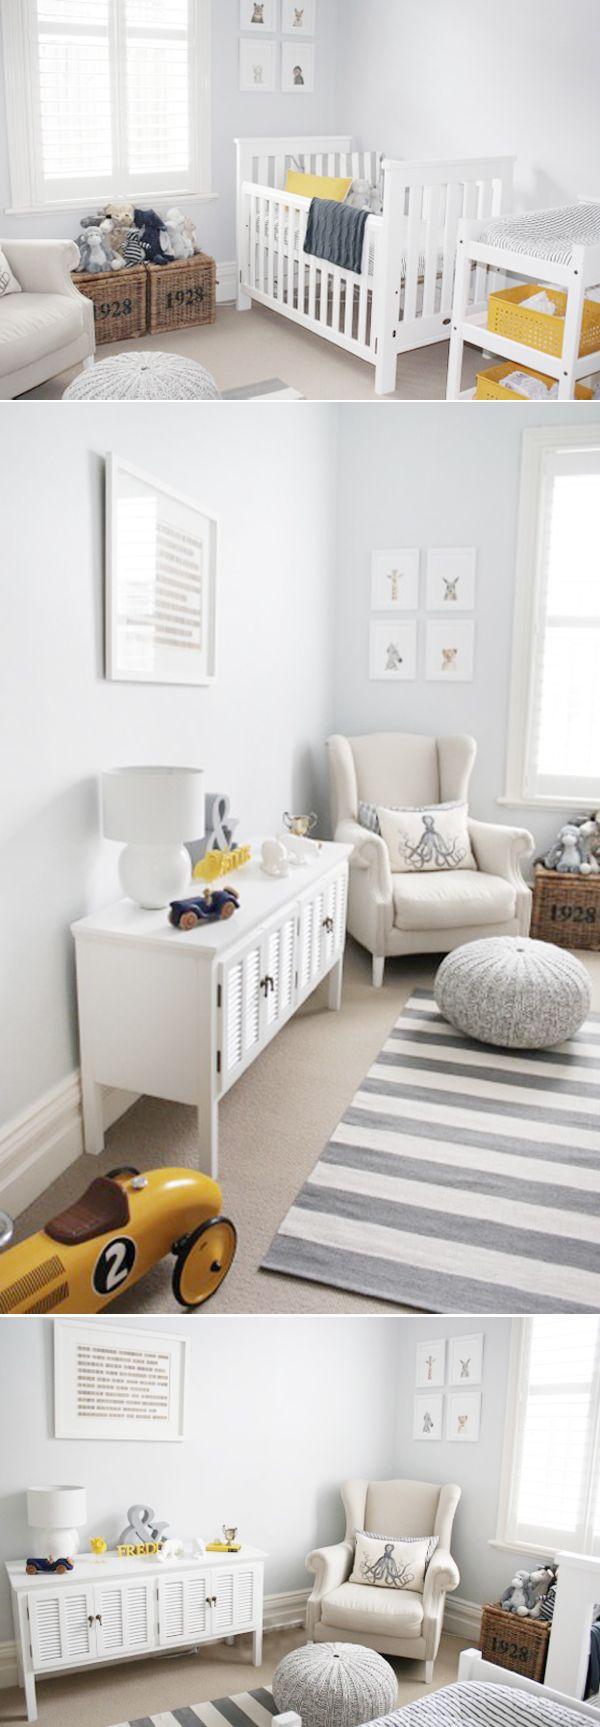 Oltre 25 fantastiche idee su camerette per neonato su for Decorare stanza neonato